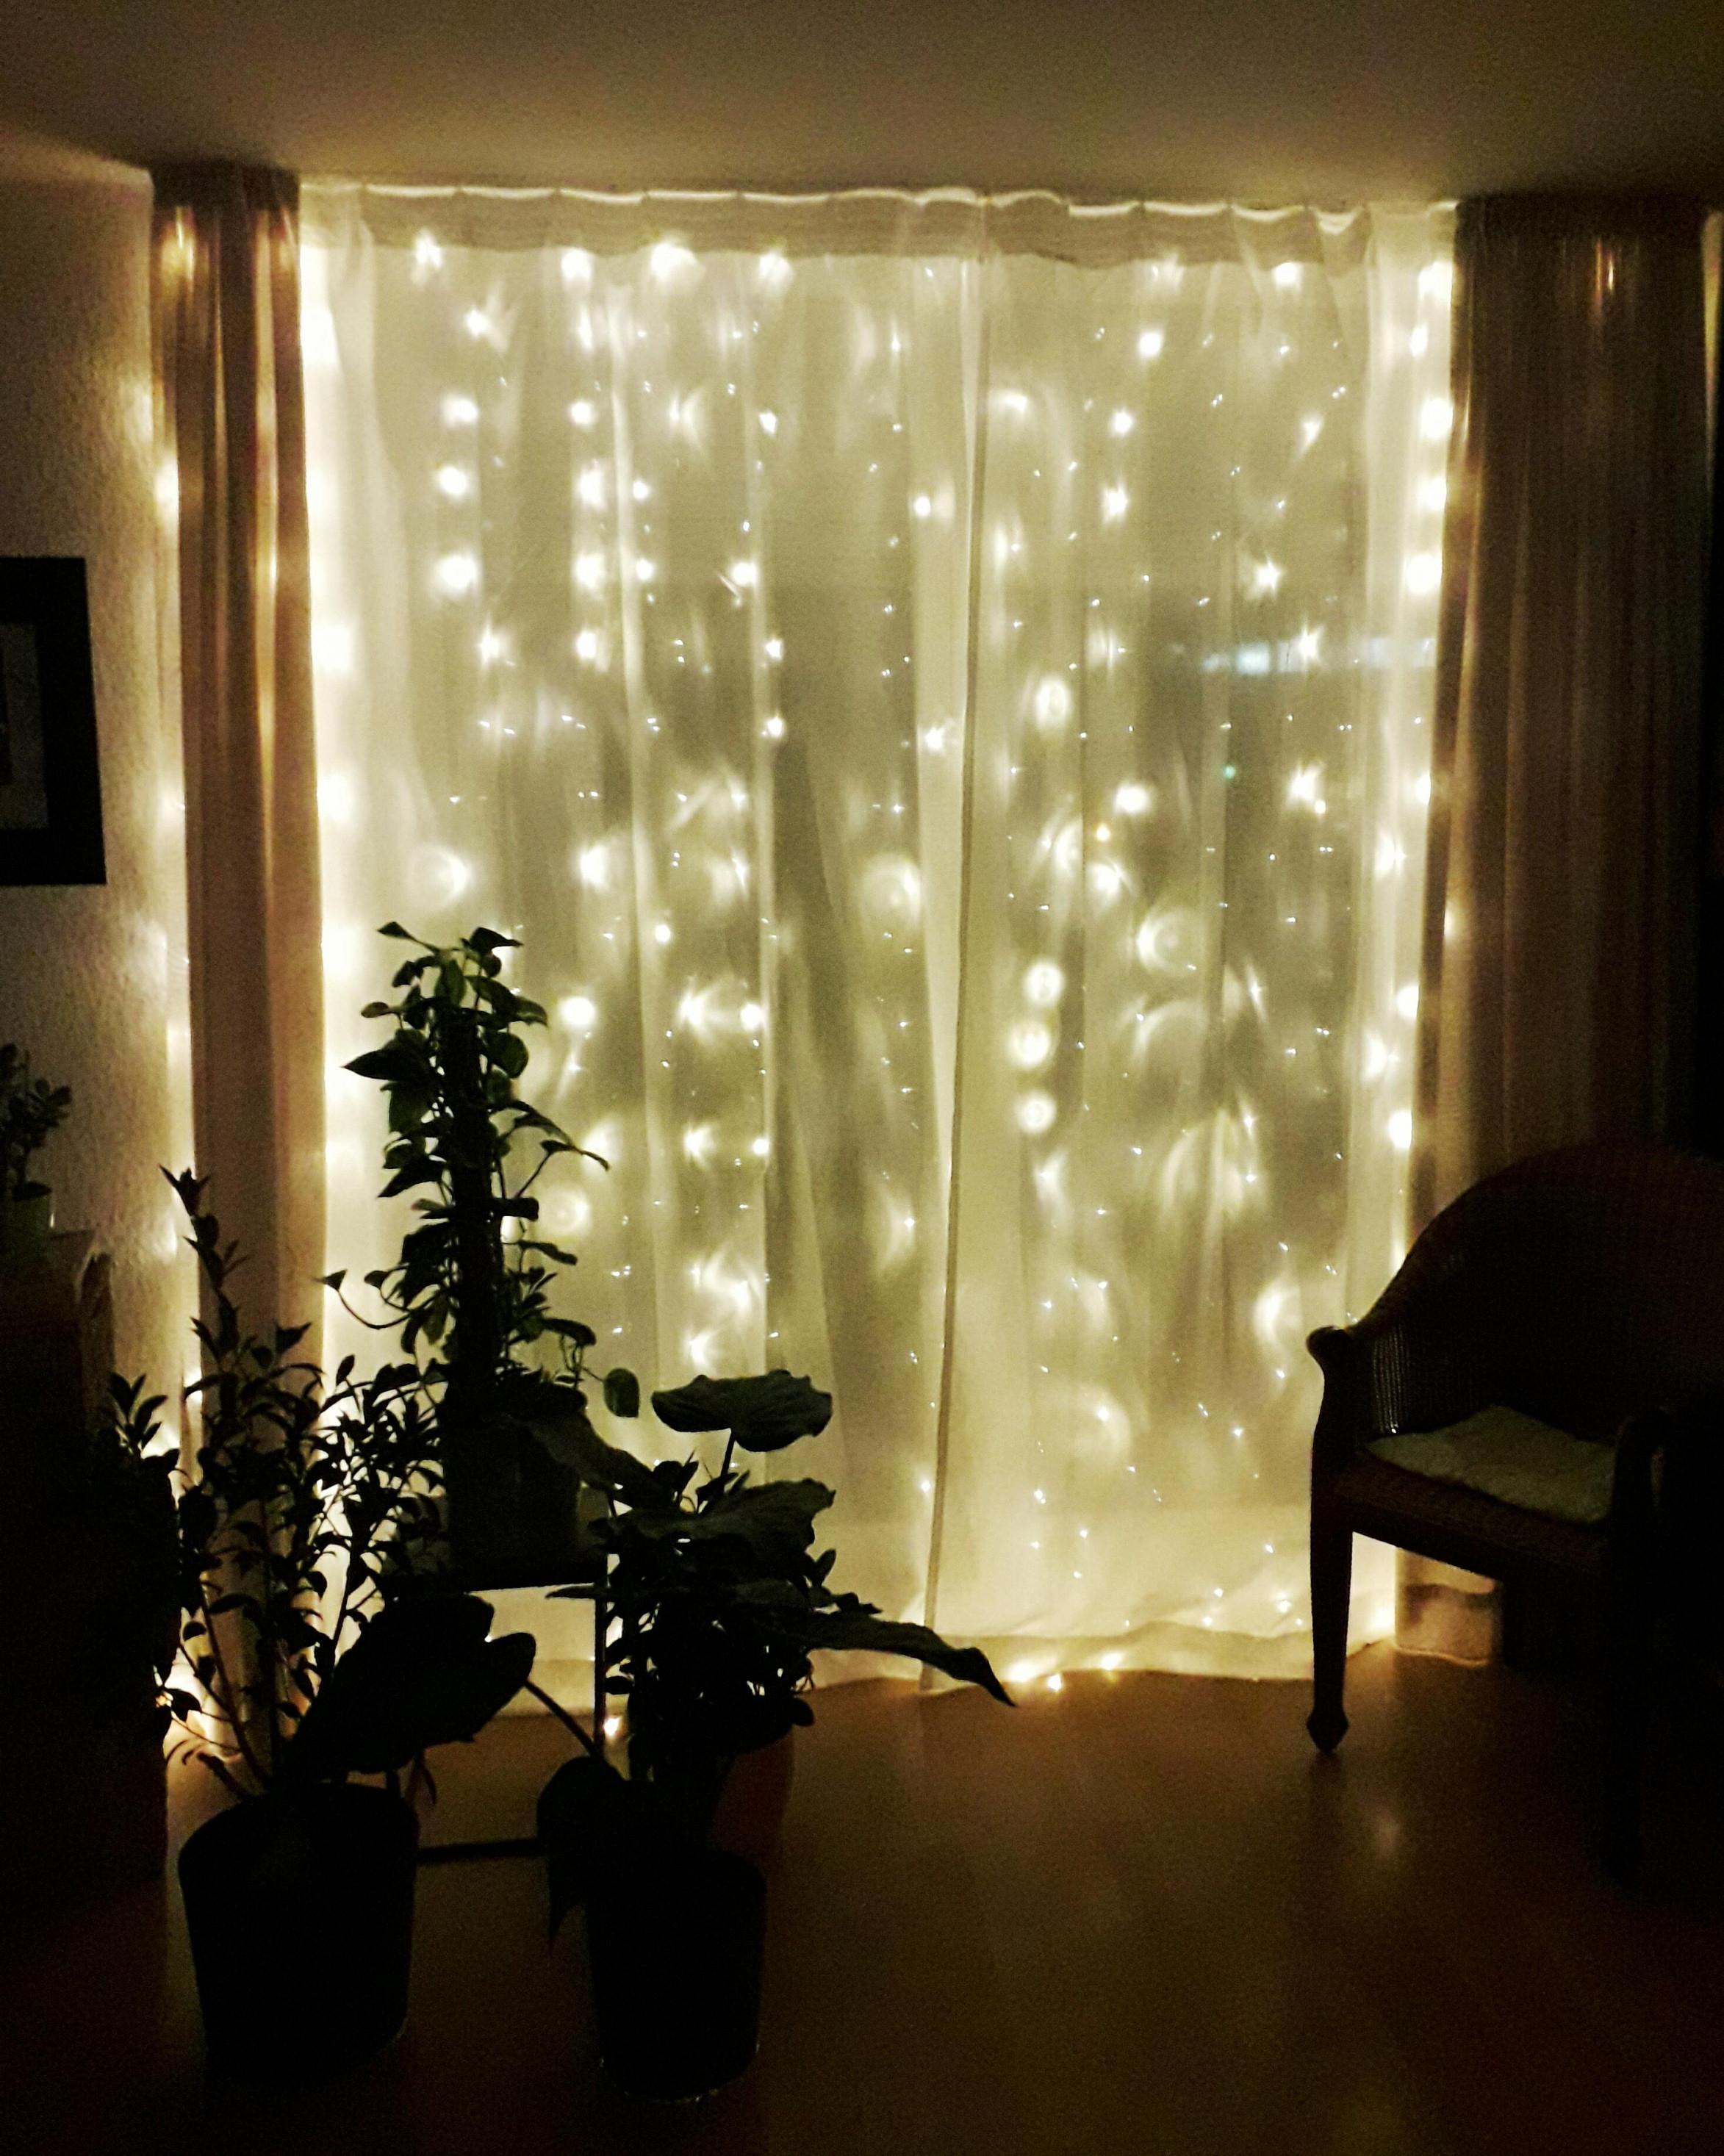 Lichterkette Wohnzimmer Pflanzen • Couch von Lichterkette Ideen Wohnzimmer Bild